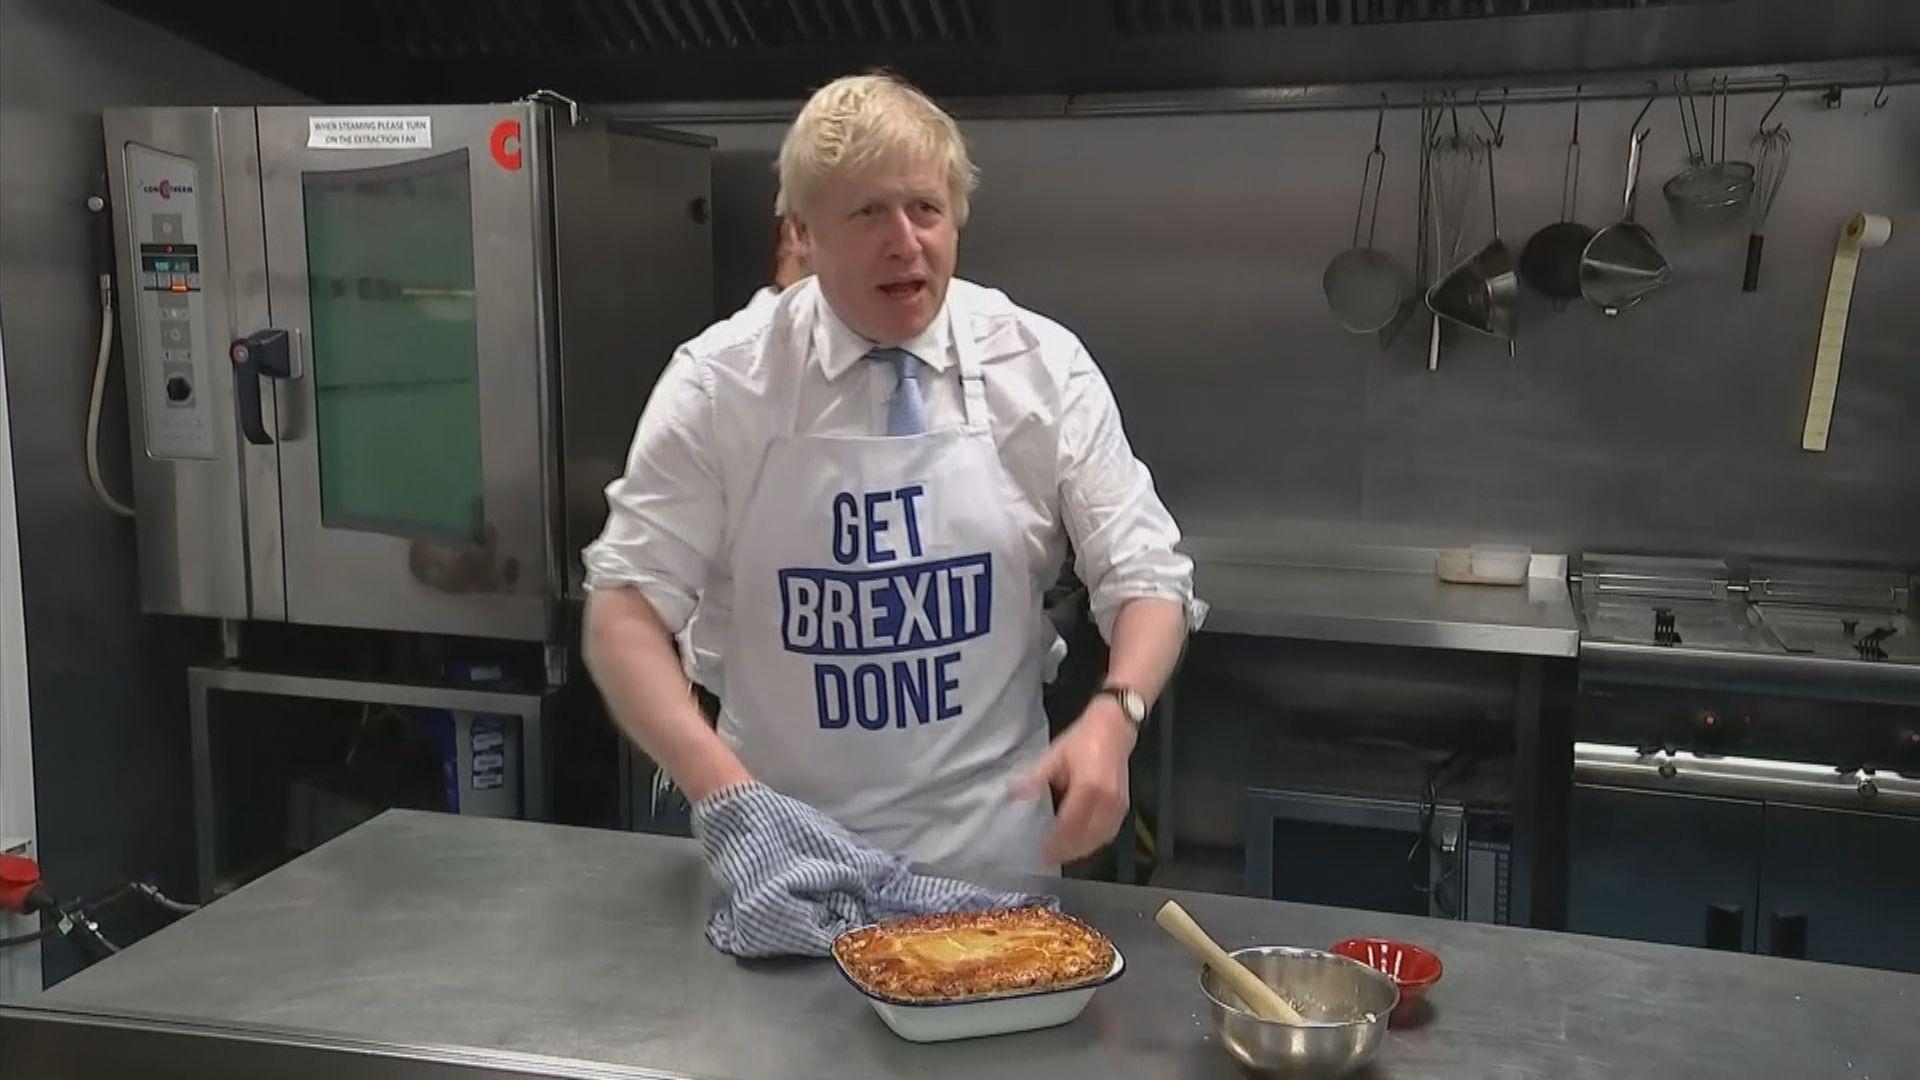 英國大選在即 保守黨領先優勢再度收窄